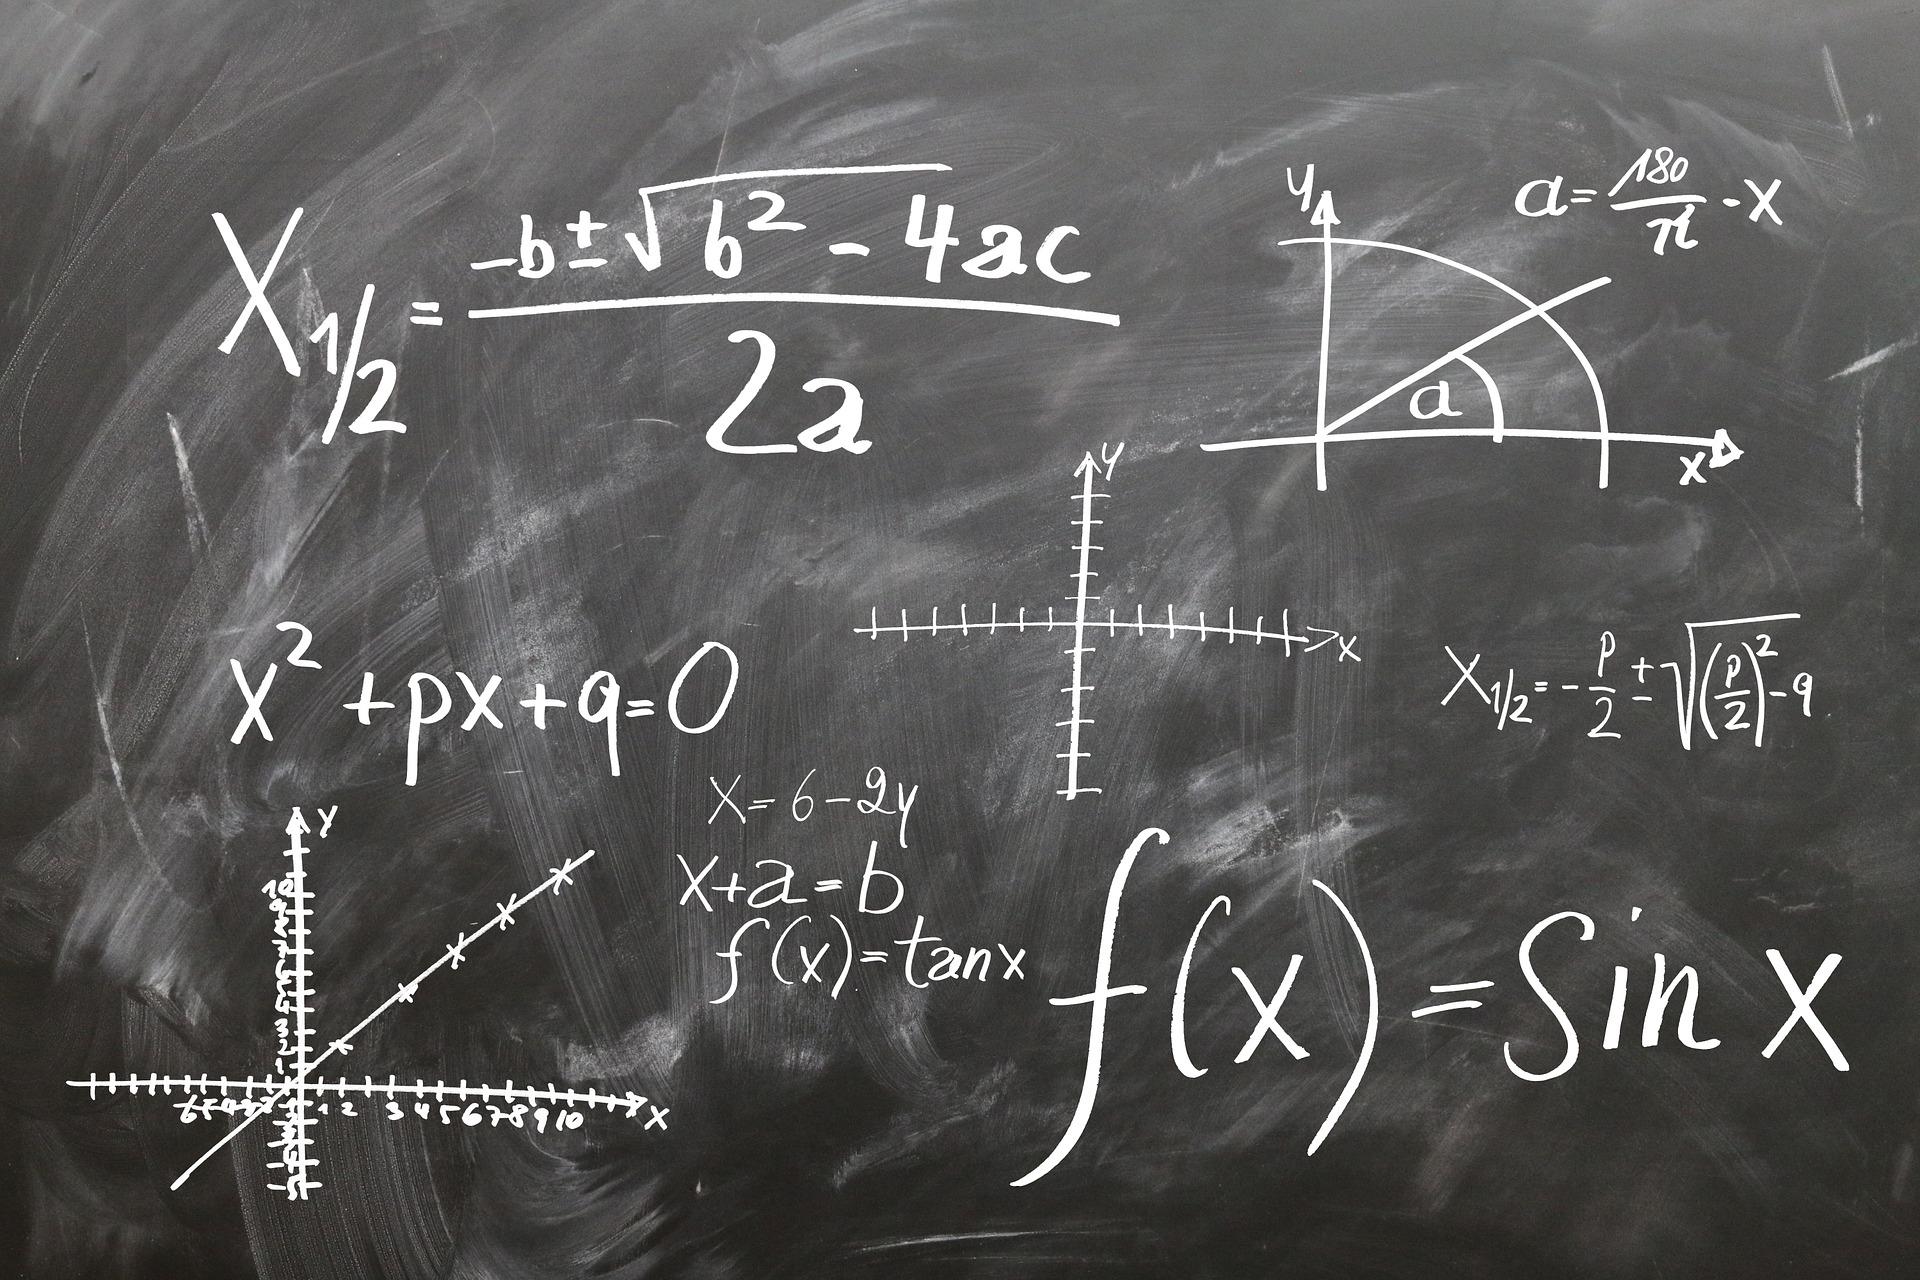 Invatam impreuna matematica